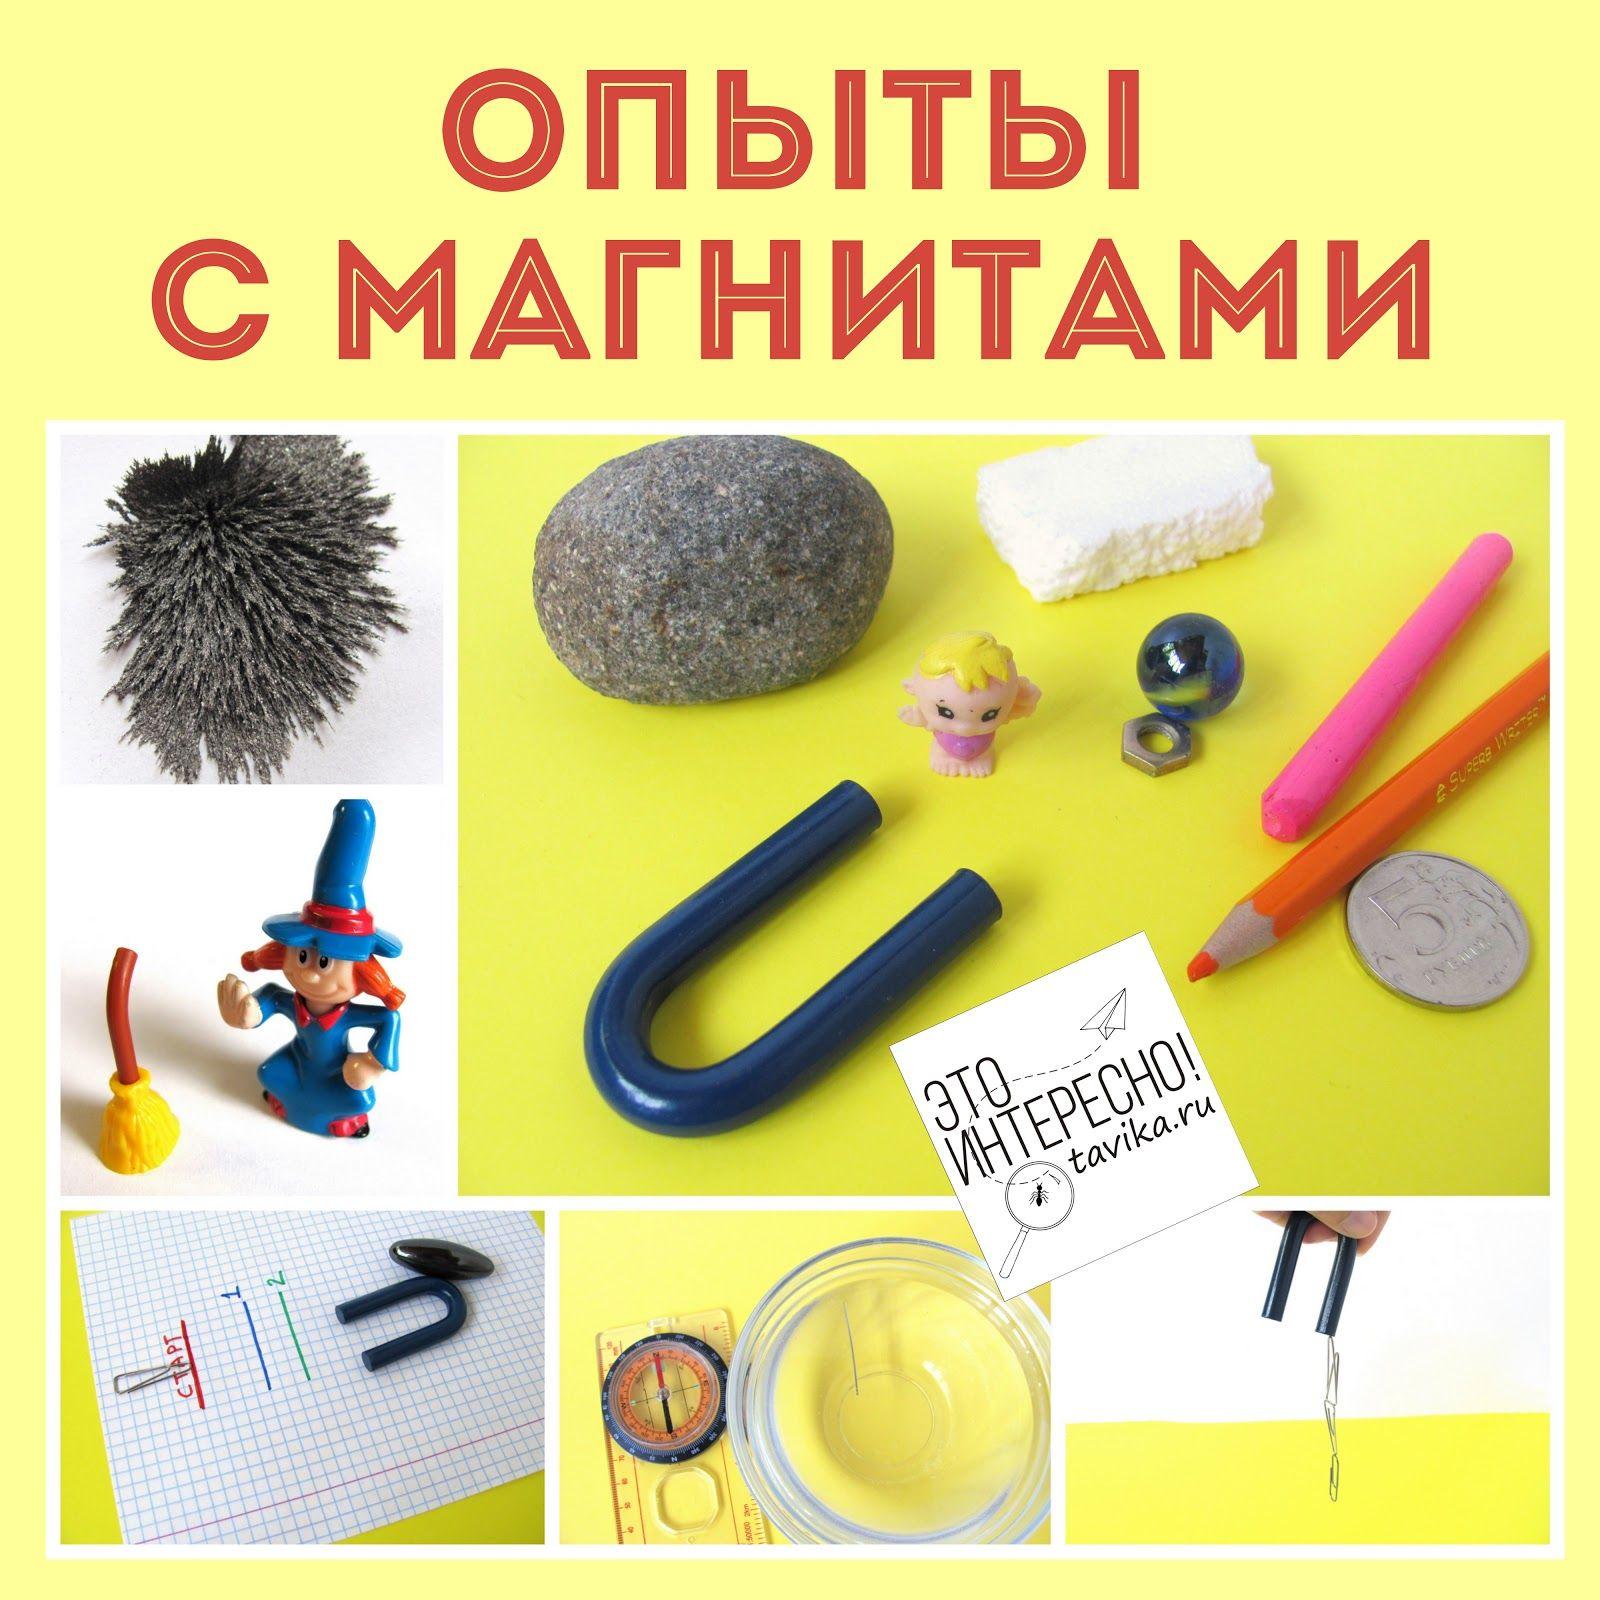 Картинки для детей о опытах с магнитами